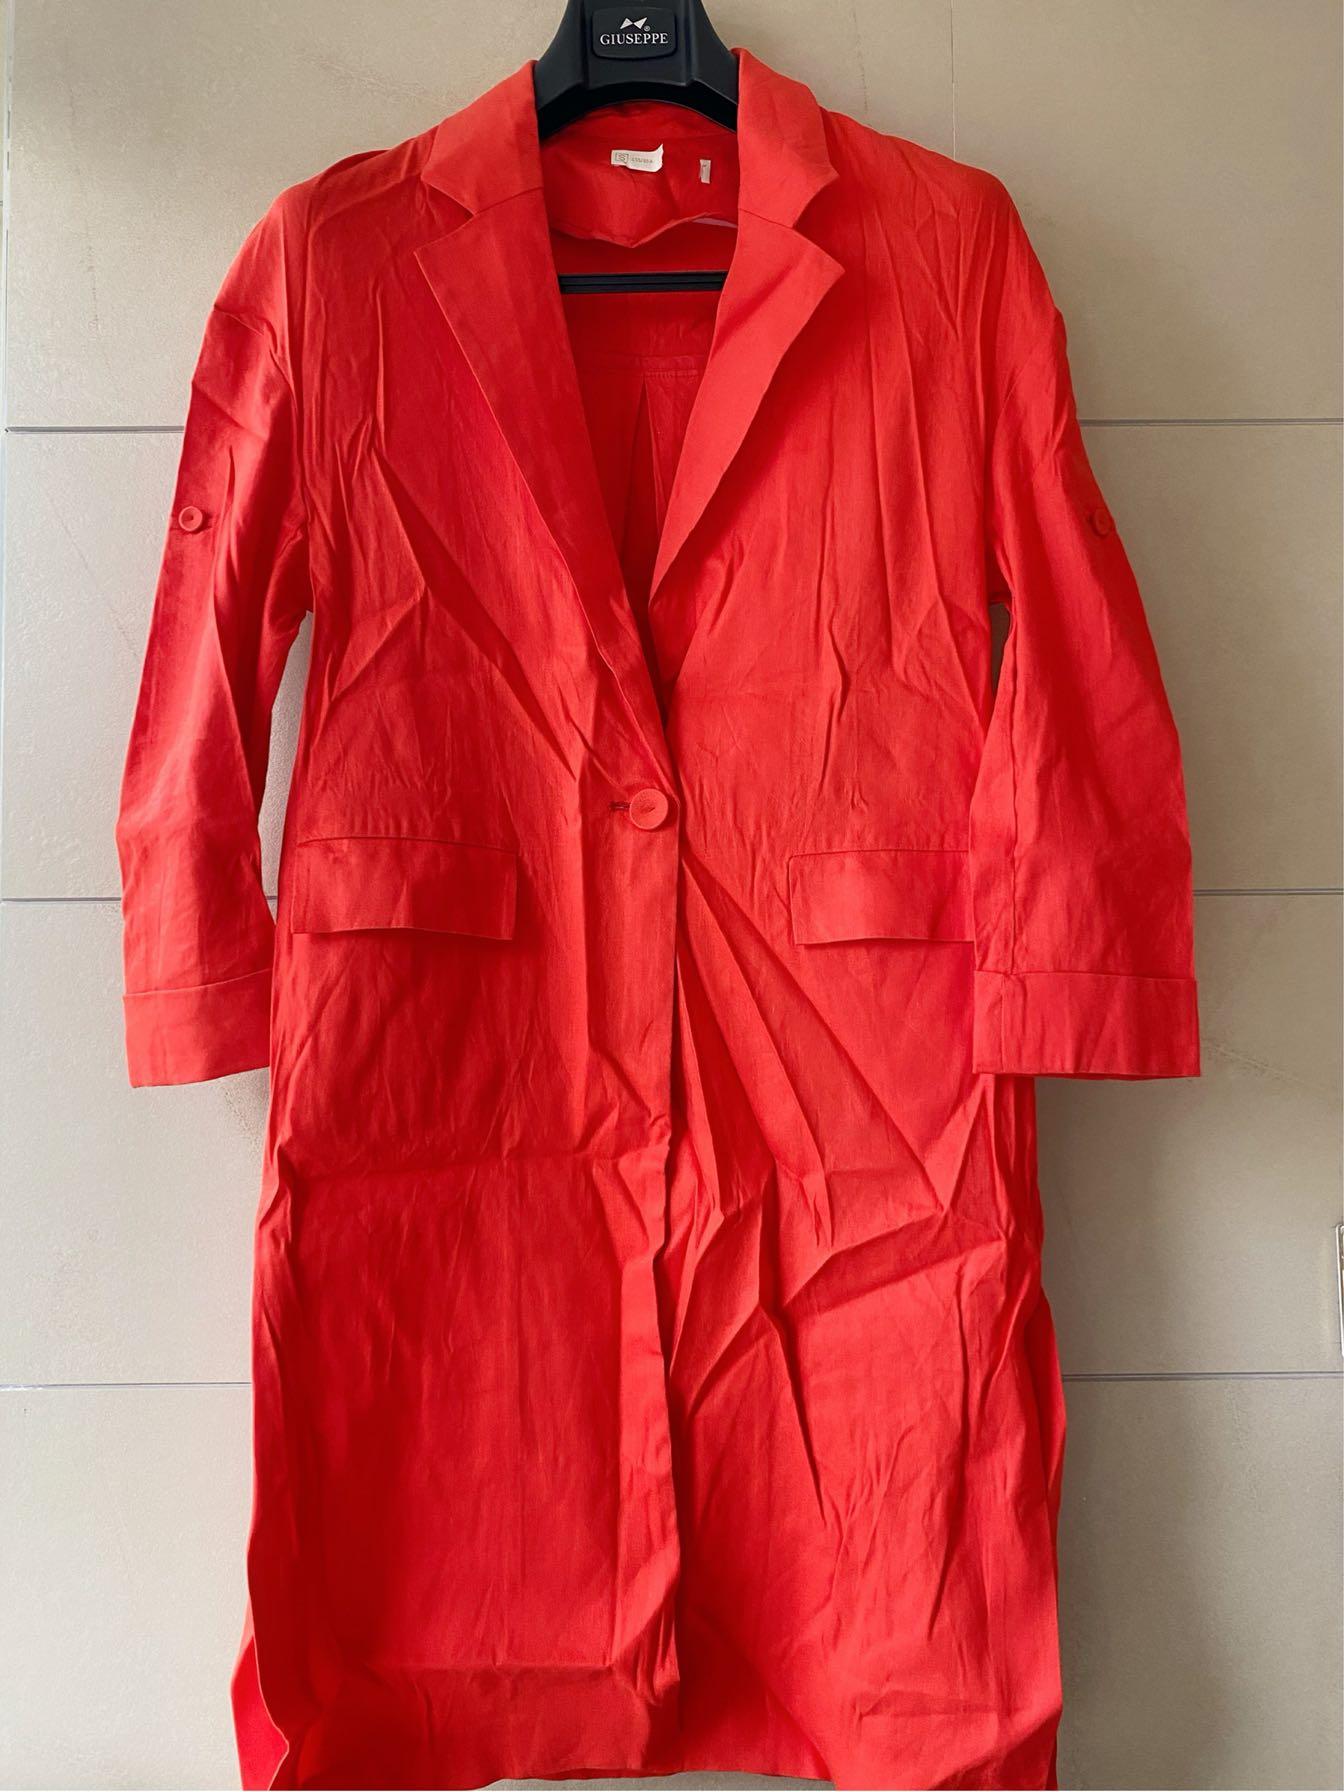 Mùa xuân và mùa thu vải lanh lớn màu đỏ trong áo khoác dài áo khoác vải lanh áo khoác gió áo khoác nữ thương hiệu giảm giá quần áo phụ nữ - Trench Coat